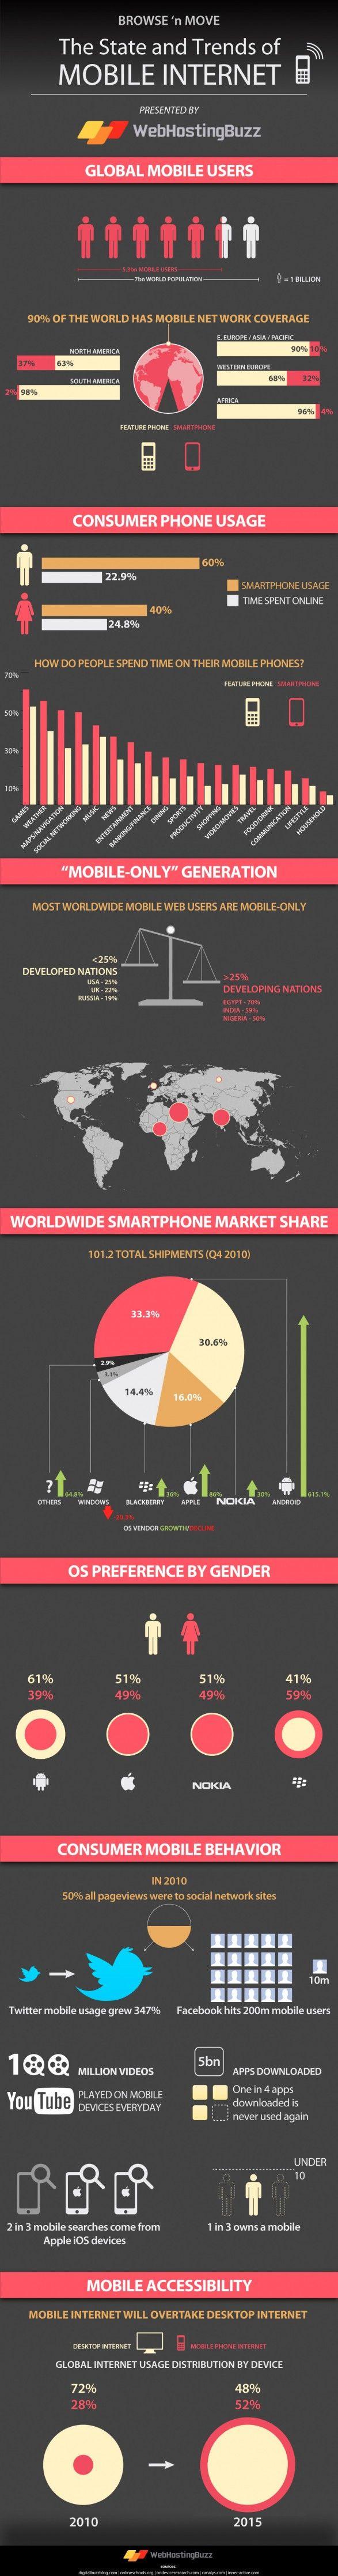 Situación internet en el móvil en el mundo